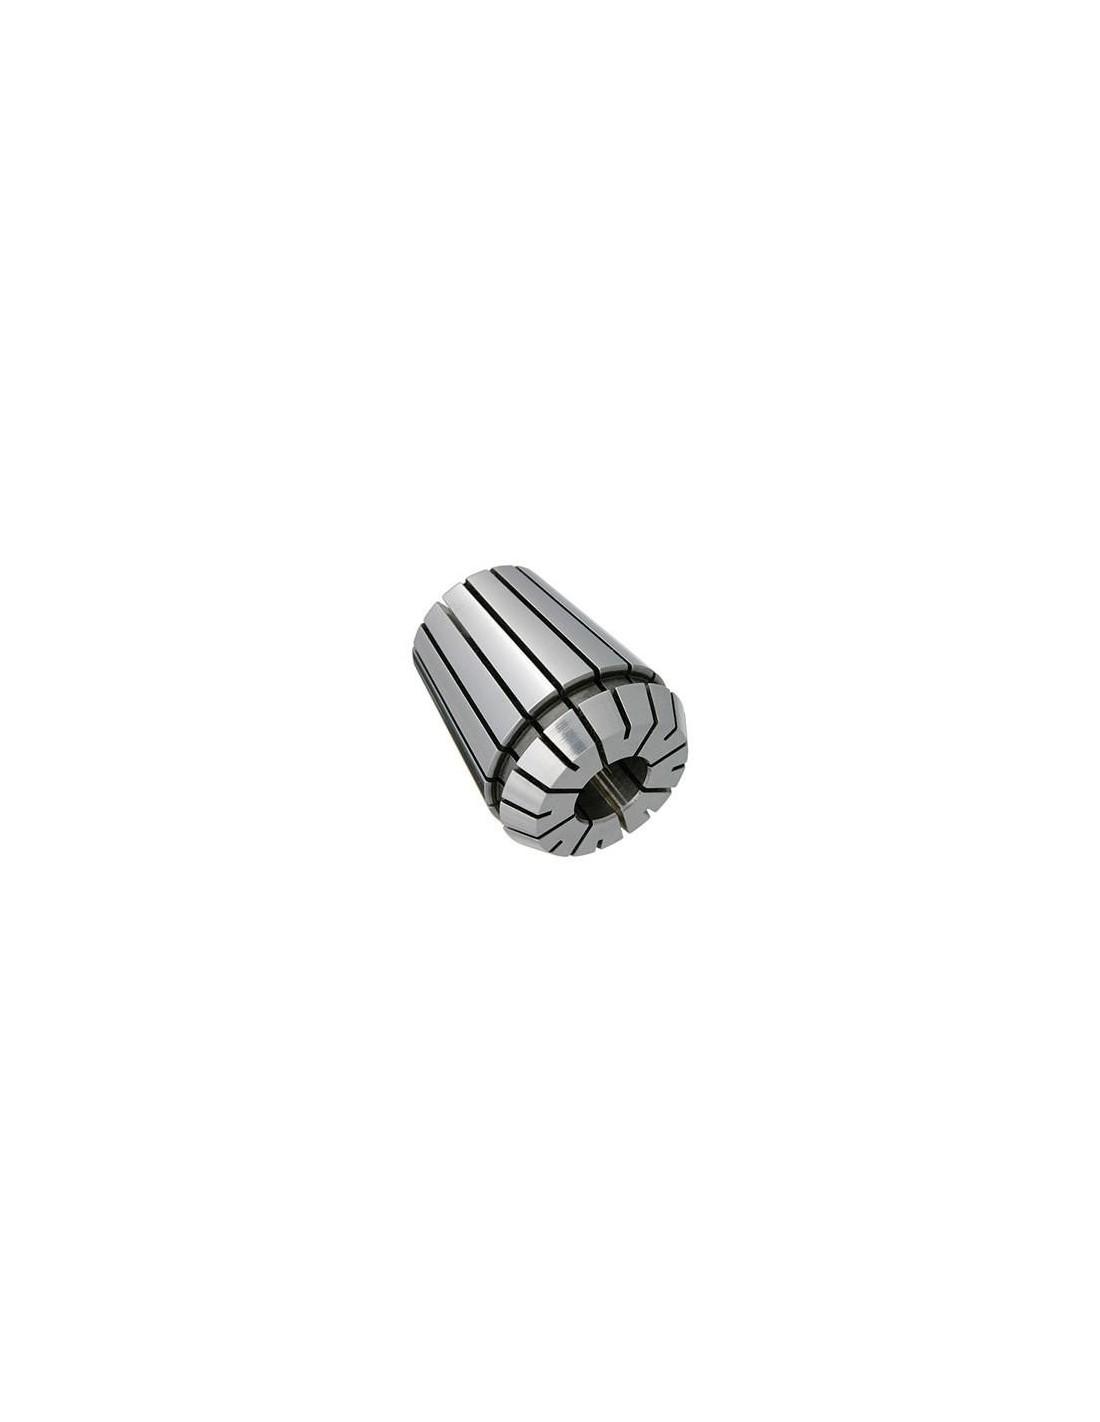 Bucsa elastica Canela tip ER 16, DIN 6499B, 5,0 mm